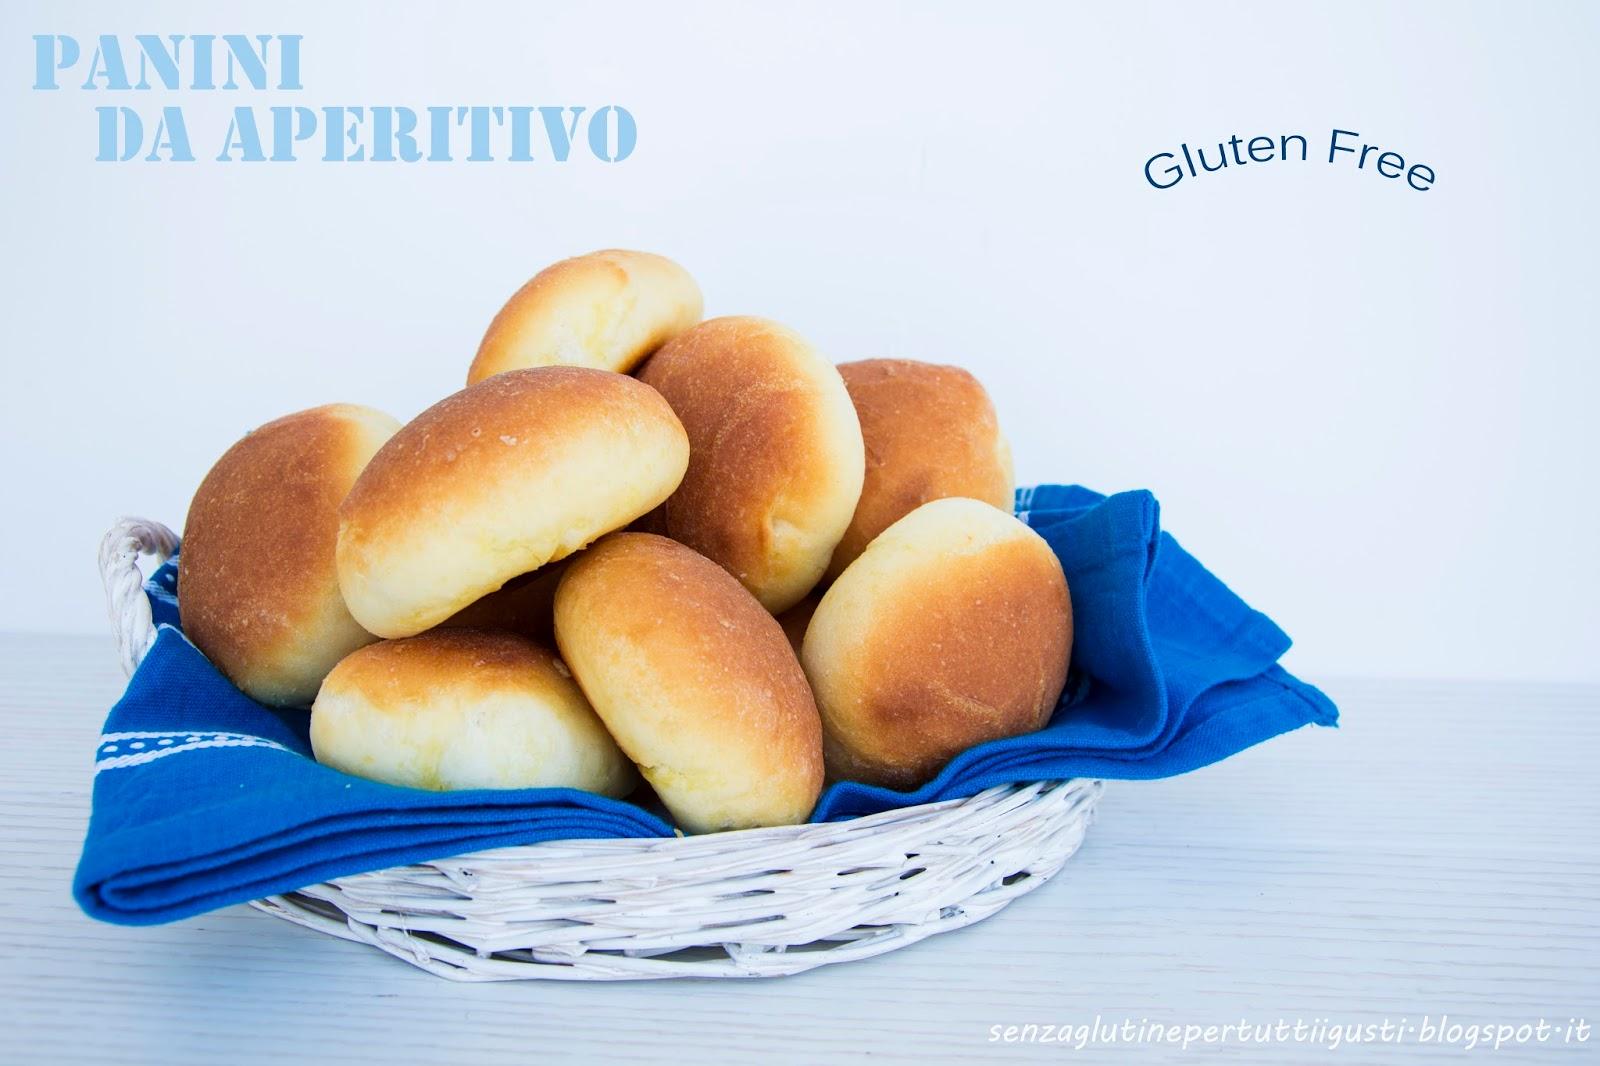 Popolare Senza glutineper tutti i gusti!: Panini da aperitivo senza glutine HO59